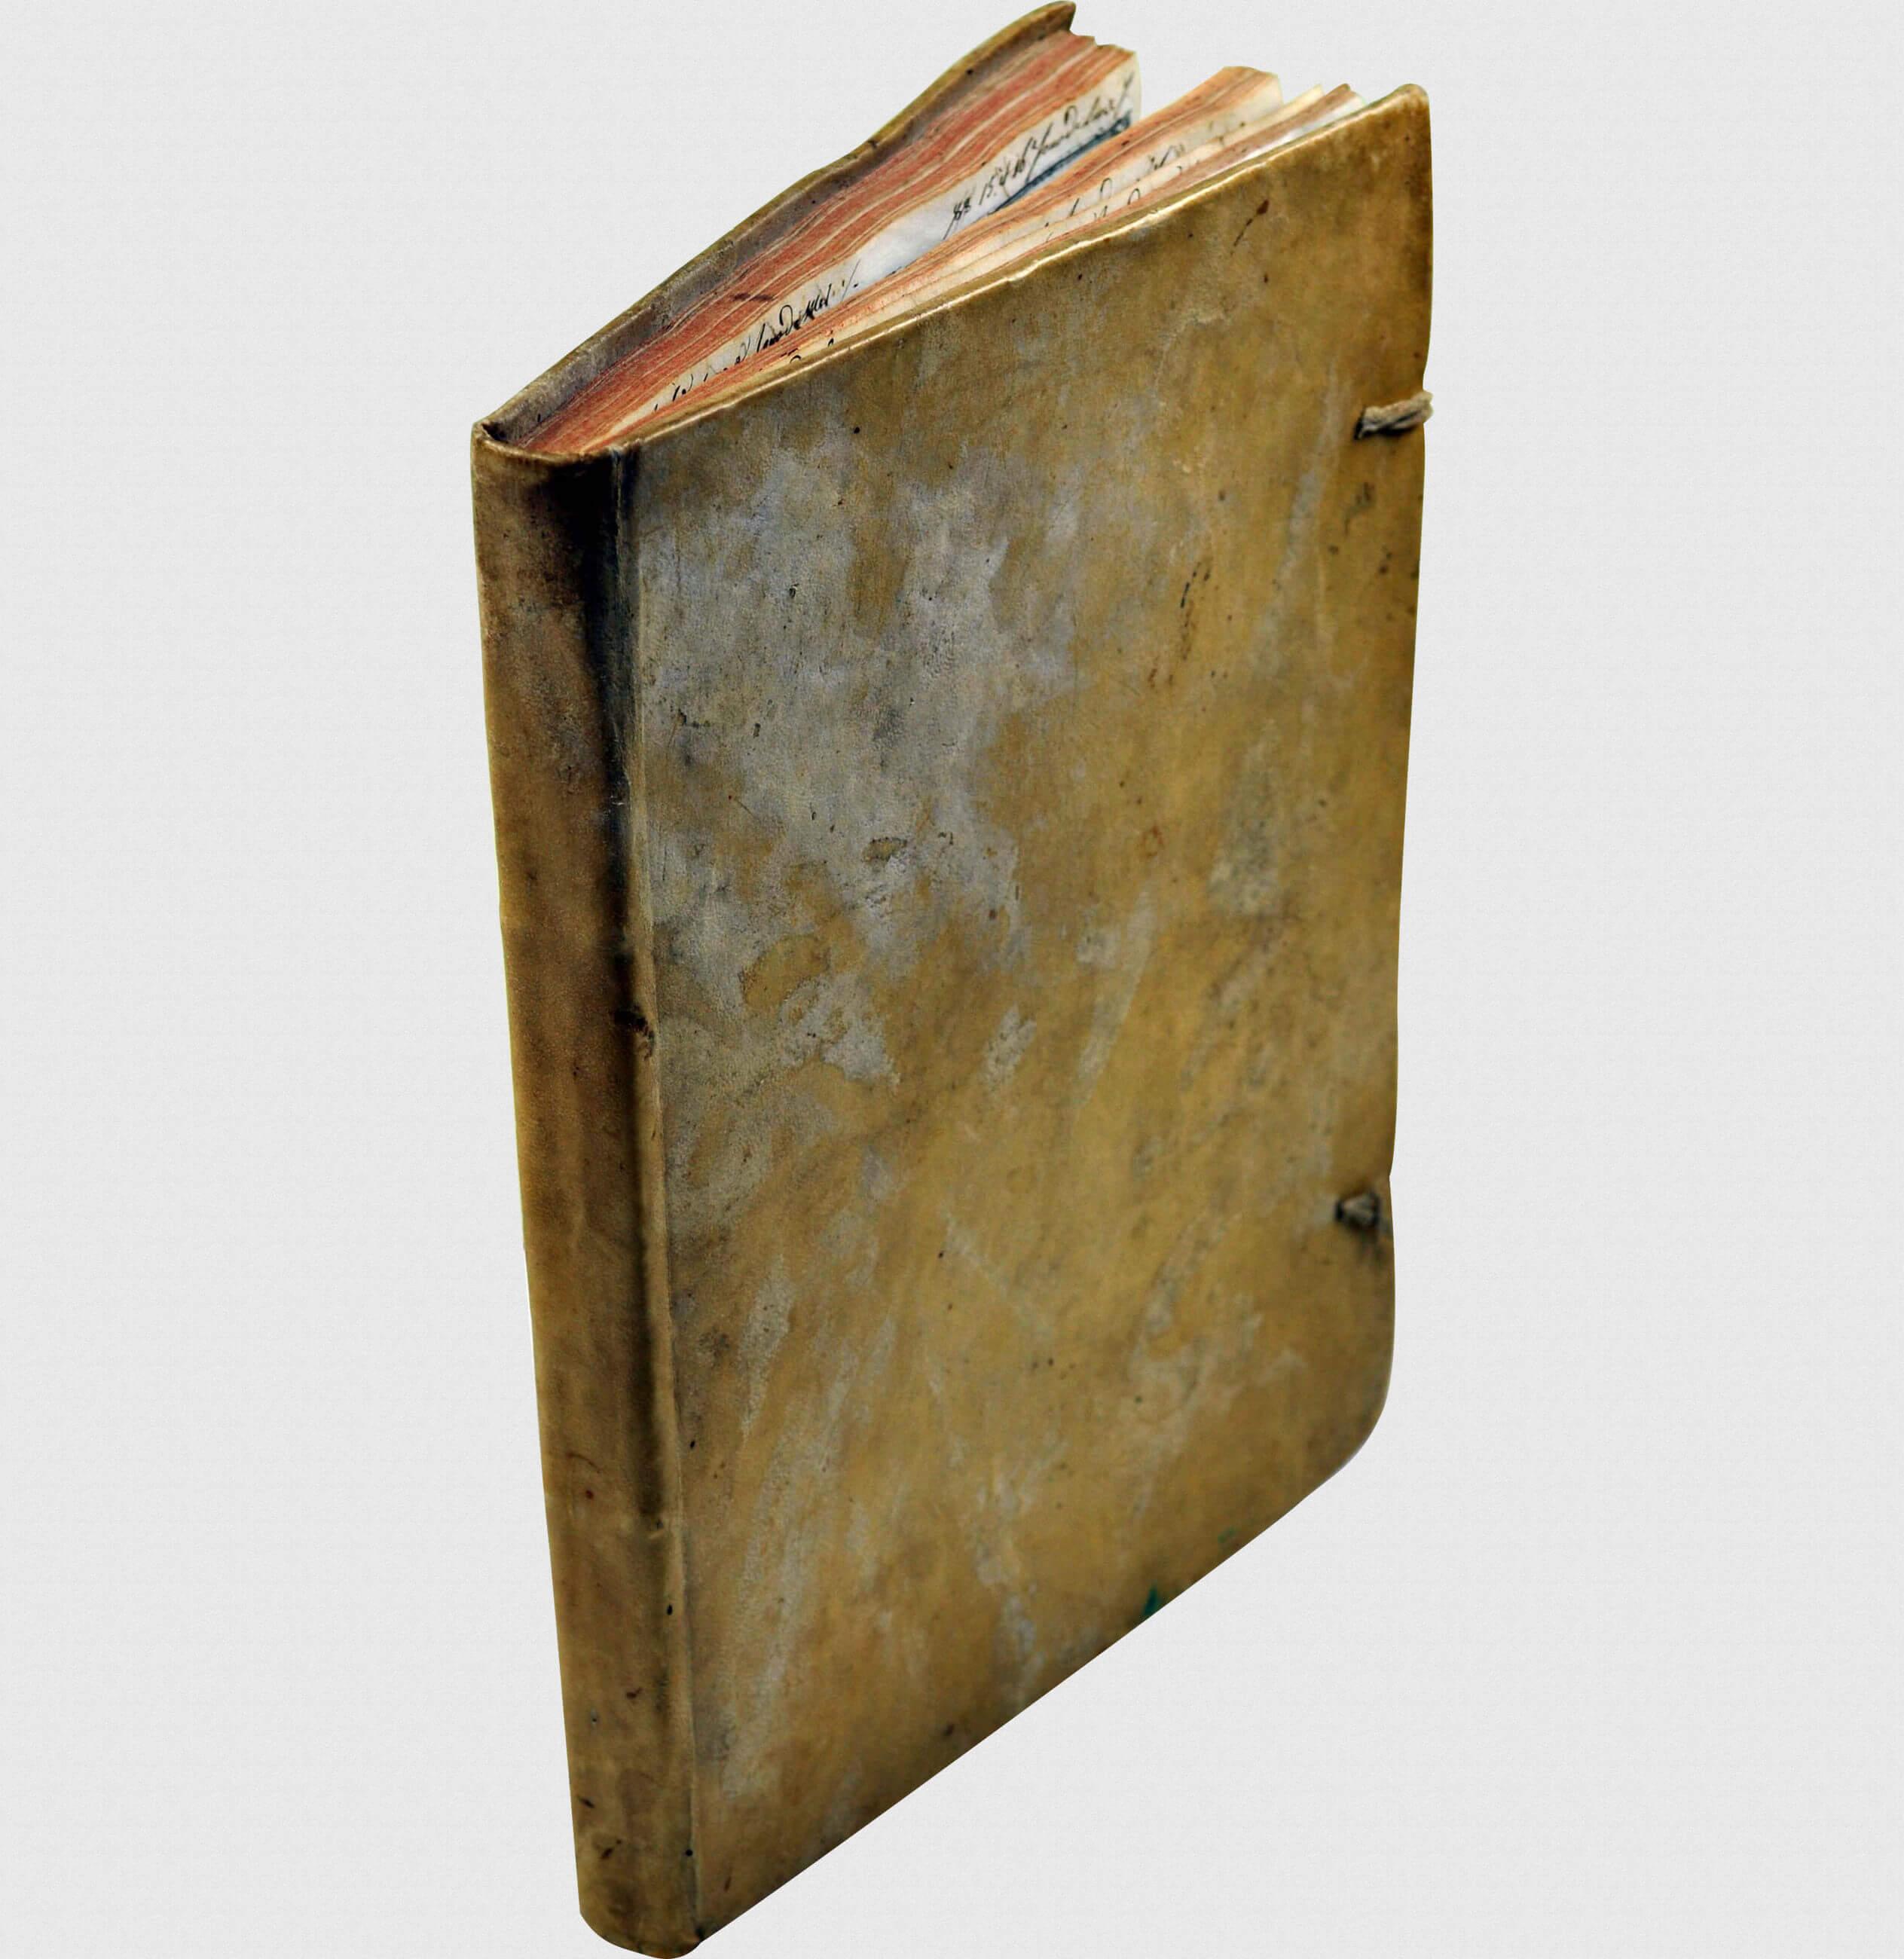 Le livre de bord du Solide